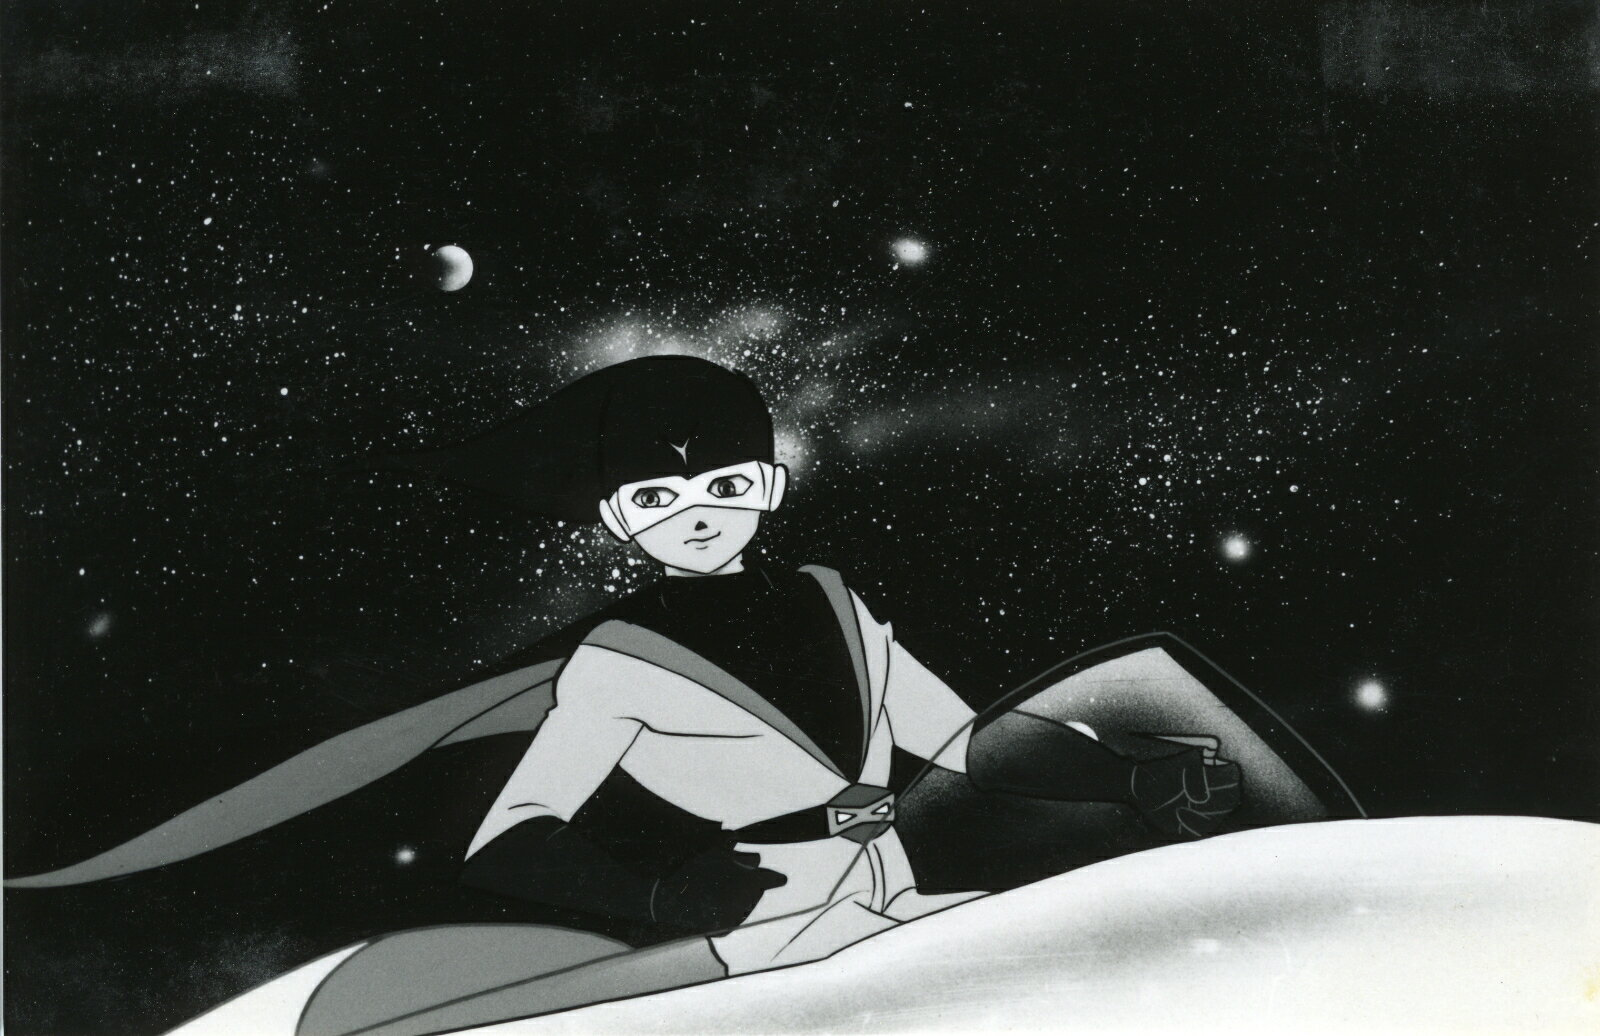 遊星仮面 デジタルリマスター版 スペシャルプライス版画像